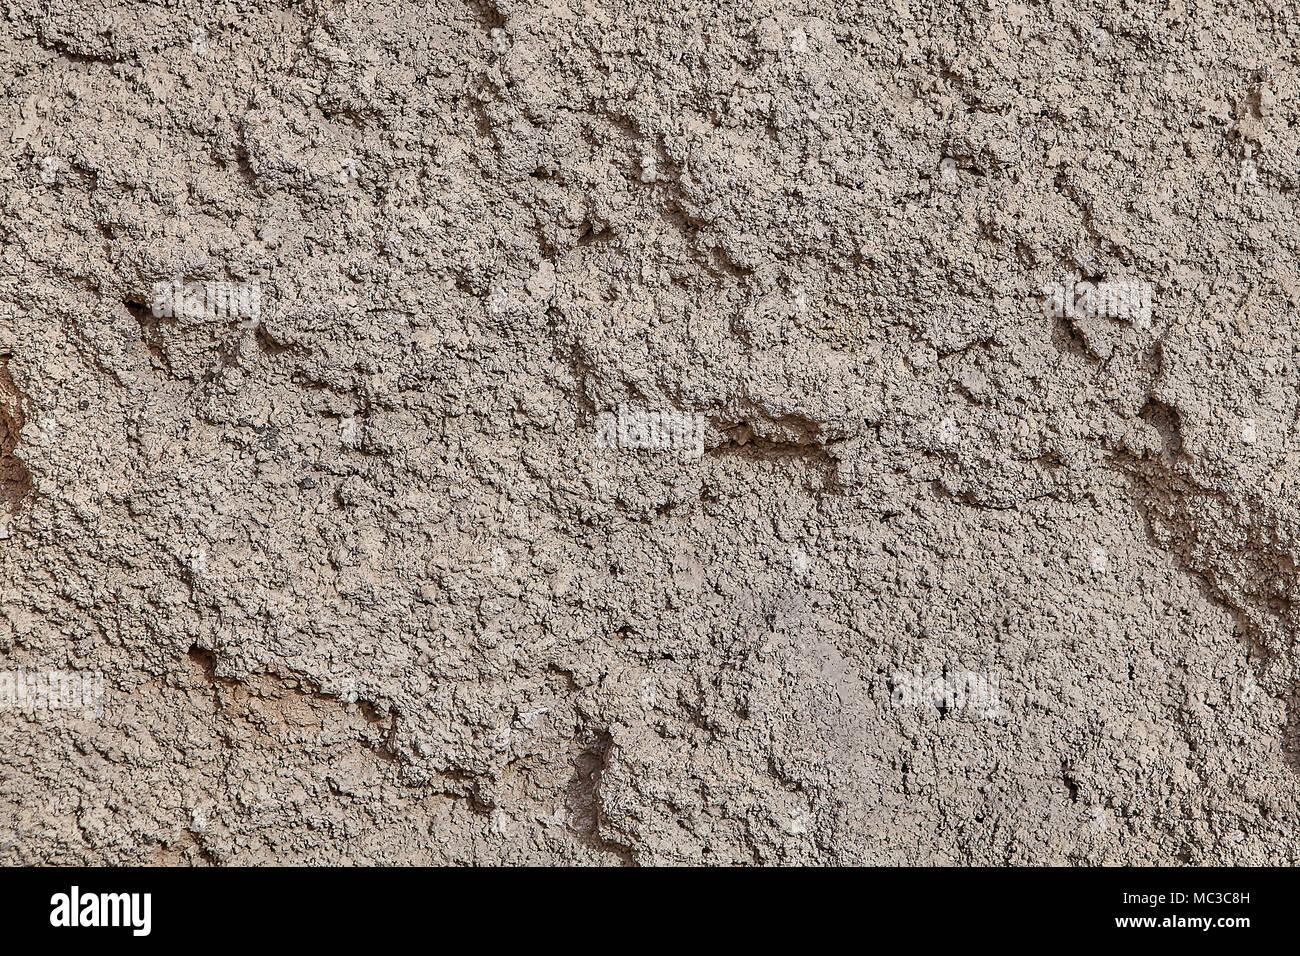 Bevorzugt Kalkputz Stockfotos & Kalkputz Bilder - Alamy MG89